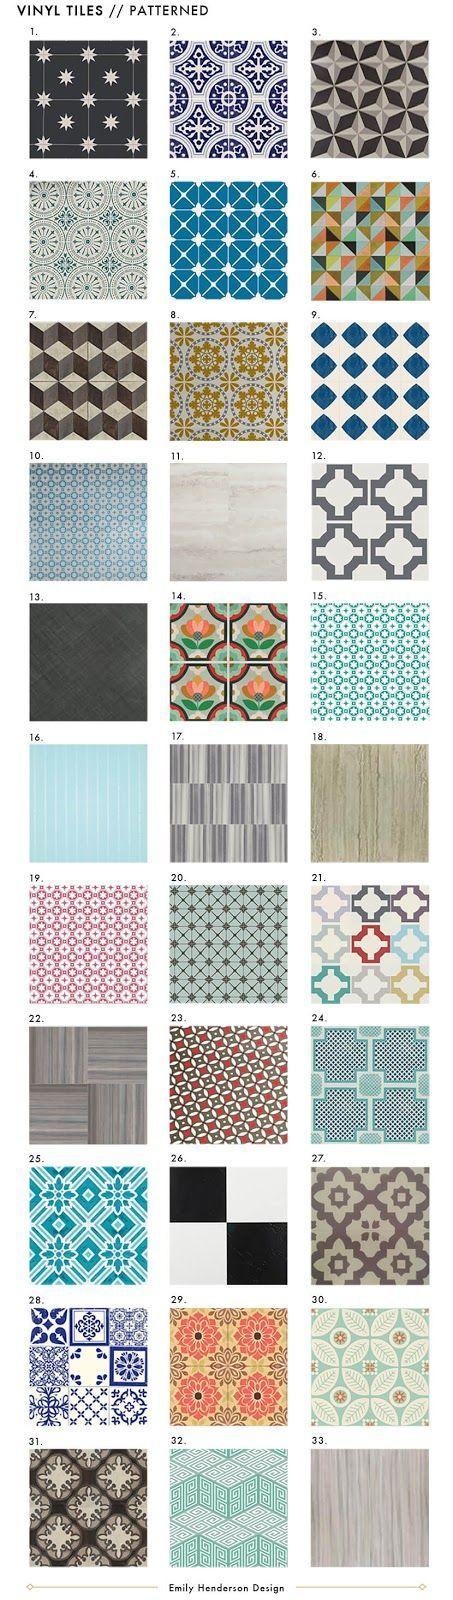 vinyl floor tiles (patterned, solid, wood) wrapup